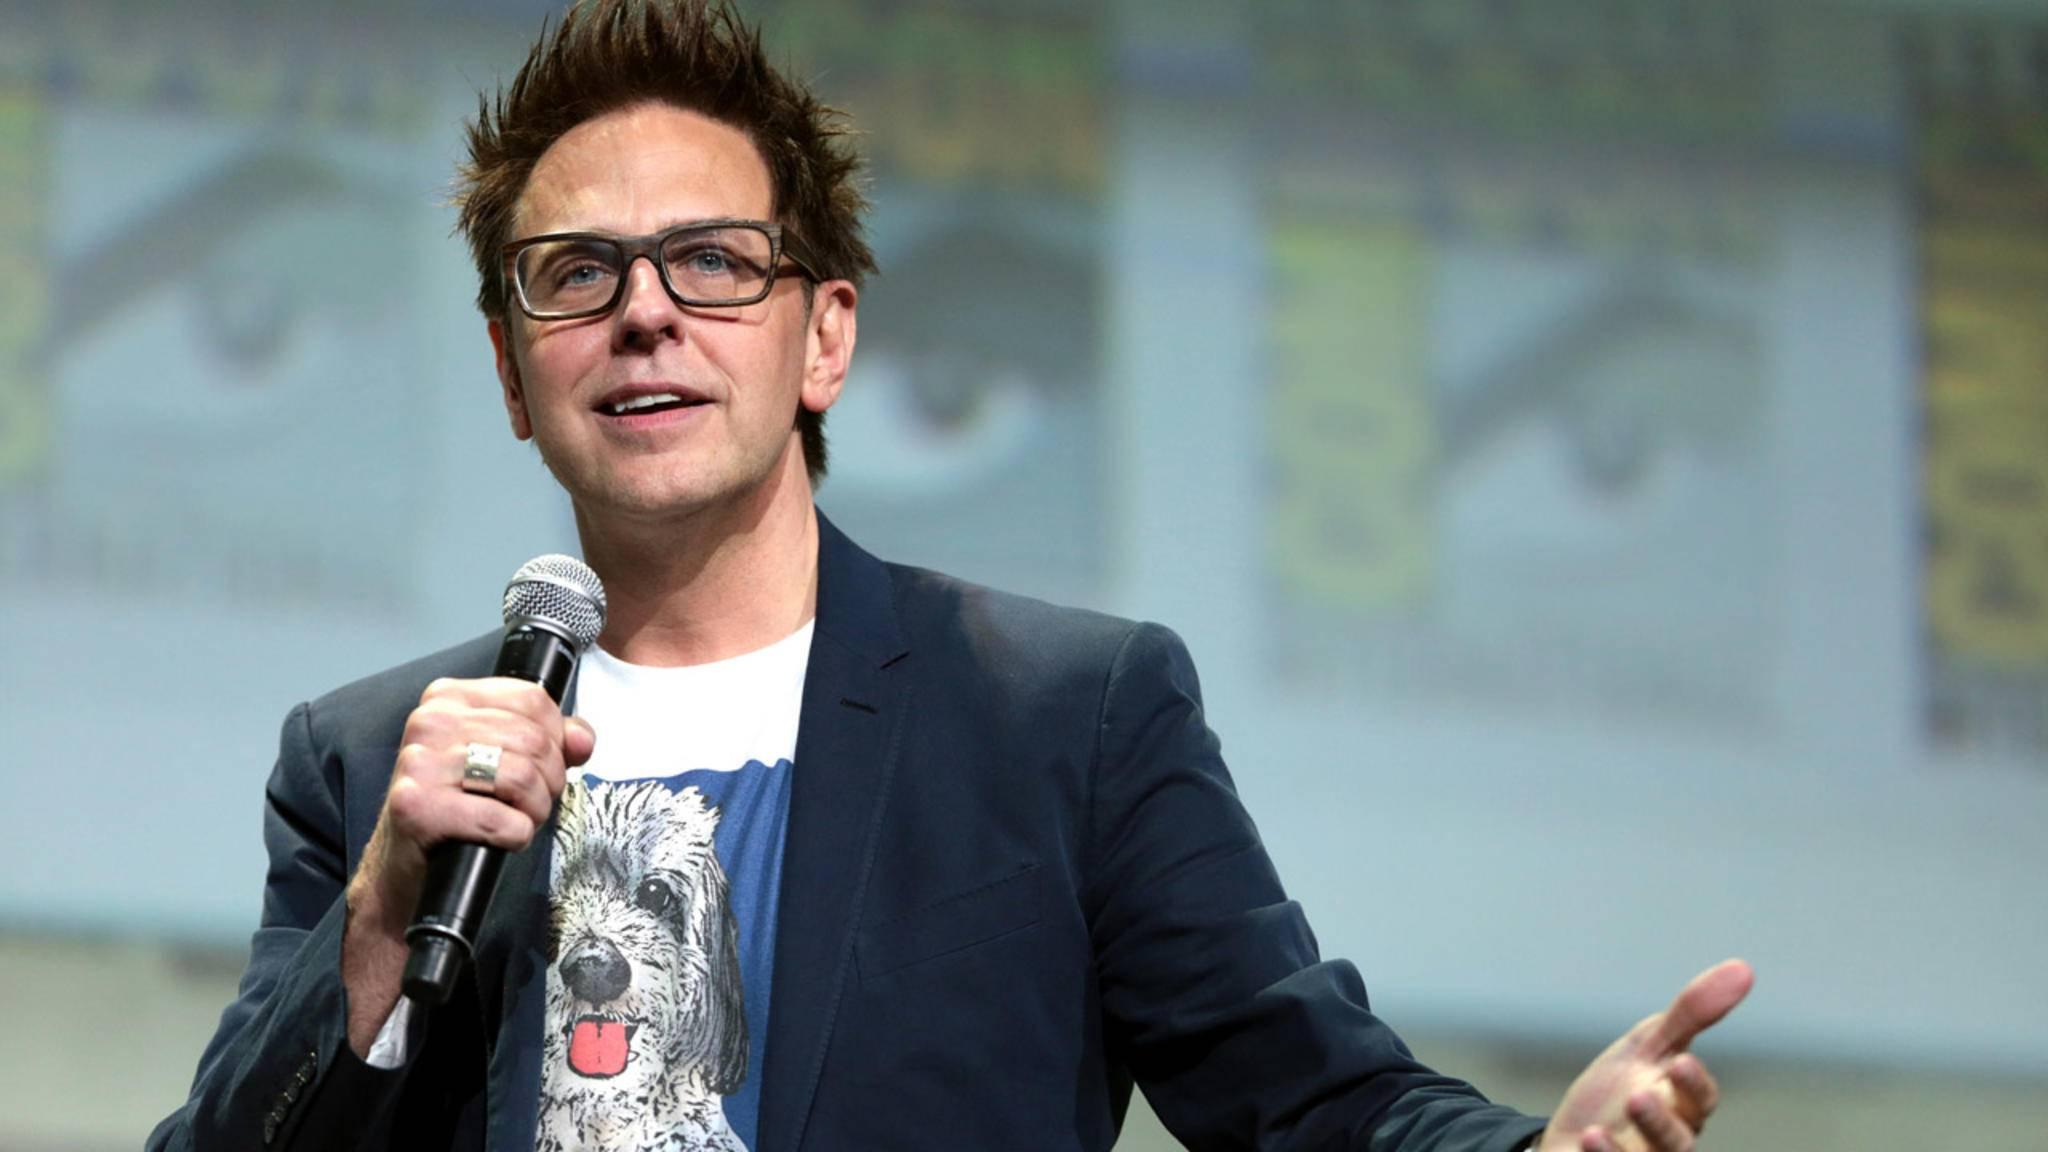 Auch seinen Auftritt bei der Comic-Con 2018 sagte James Gunn nun ab ...